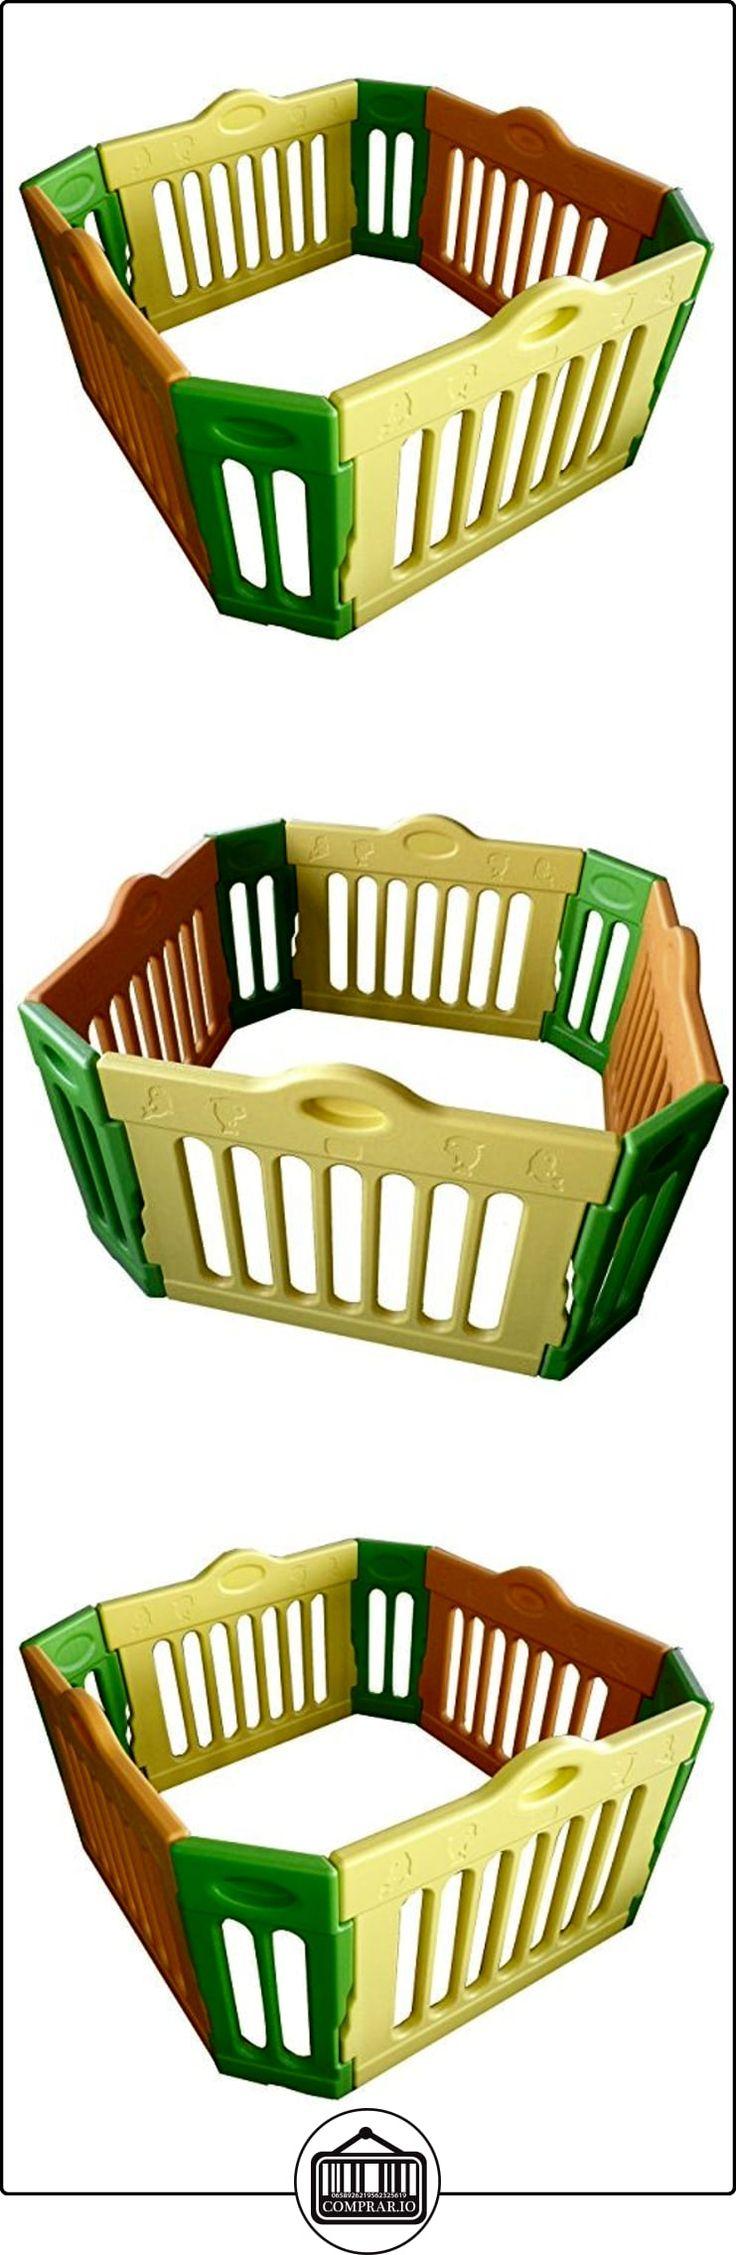 Baby Vivo - Parque infantil rectangular (4 esquinas, paquete principal)  ✿ Seguridad para tu bebé - (Protege a tus hijos) ✿ ▬► Ver oferta: http://comprar.io/goto/B005LUS740